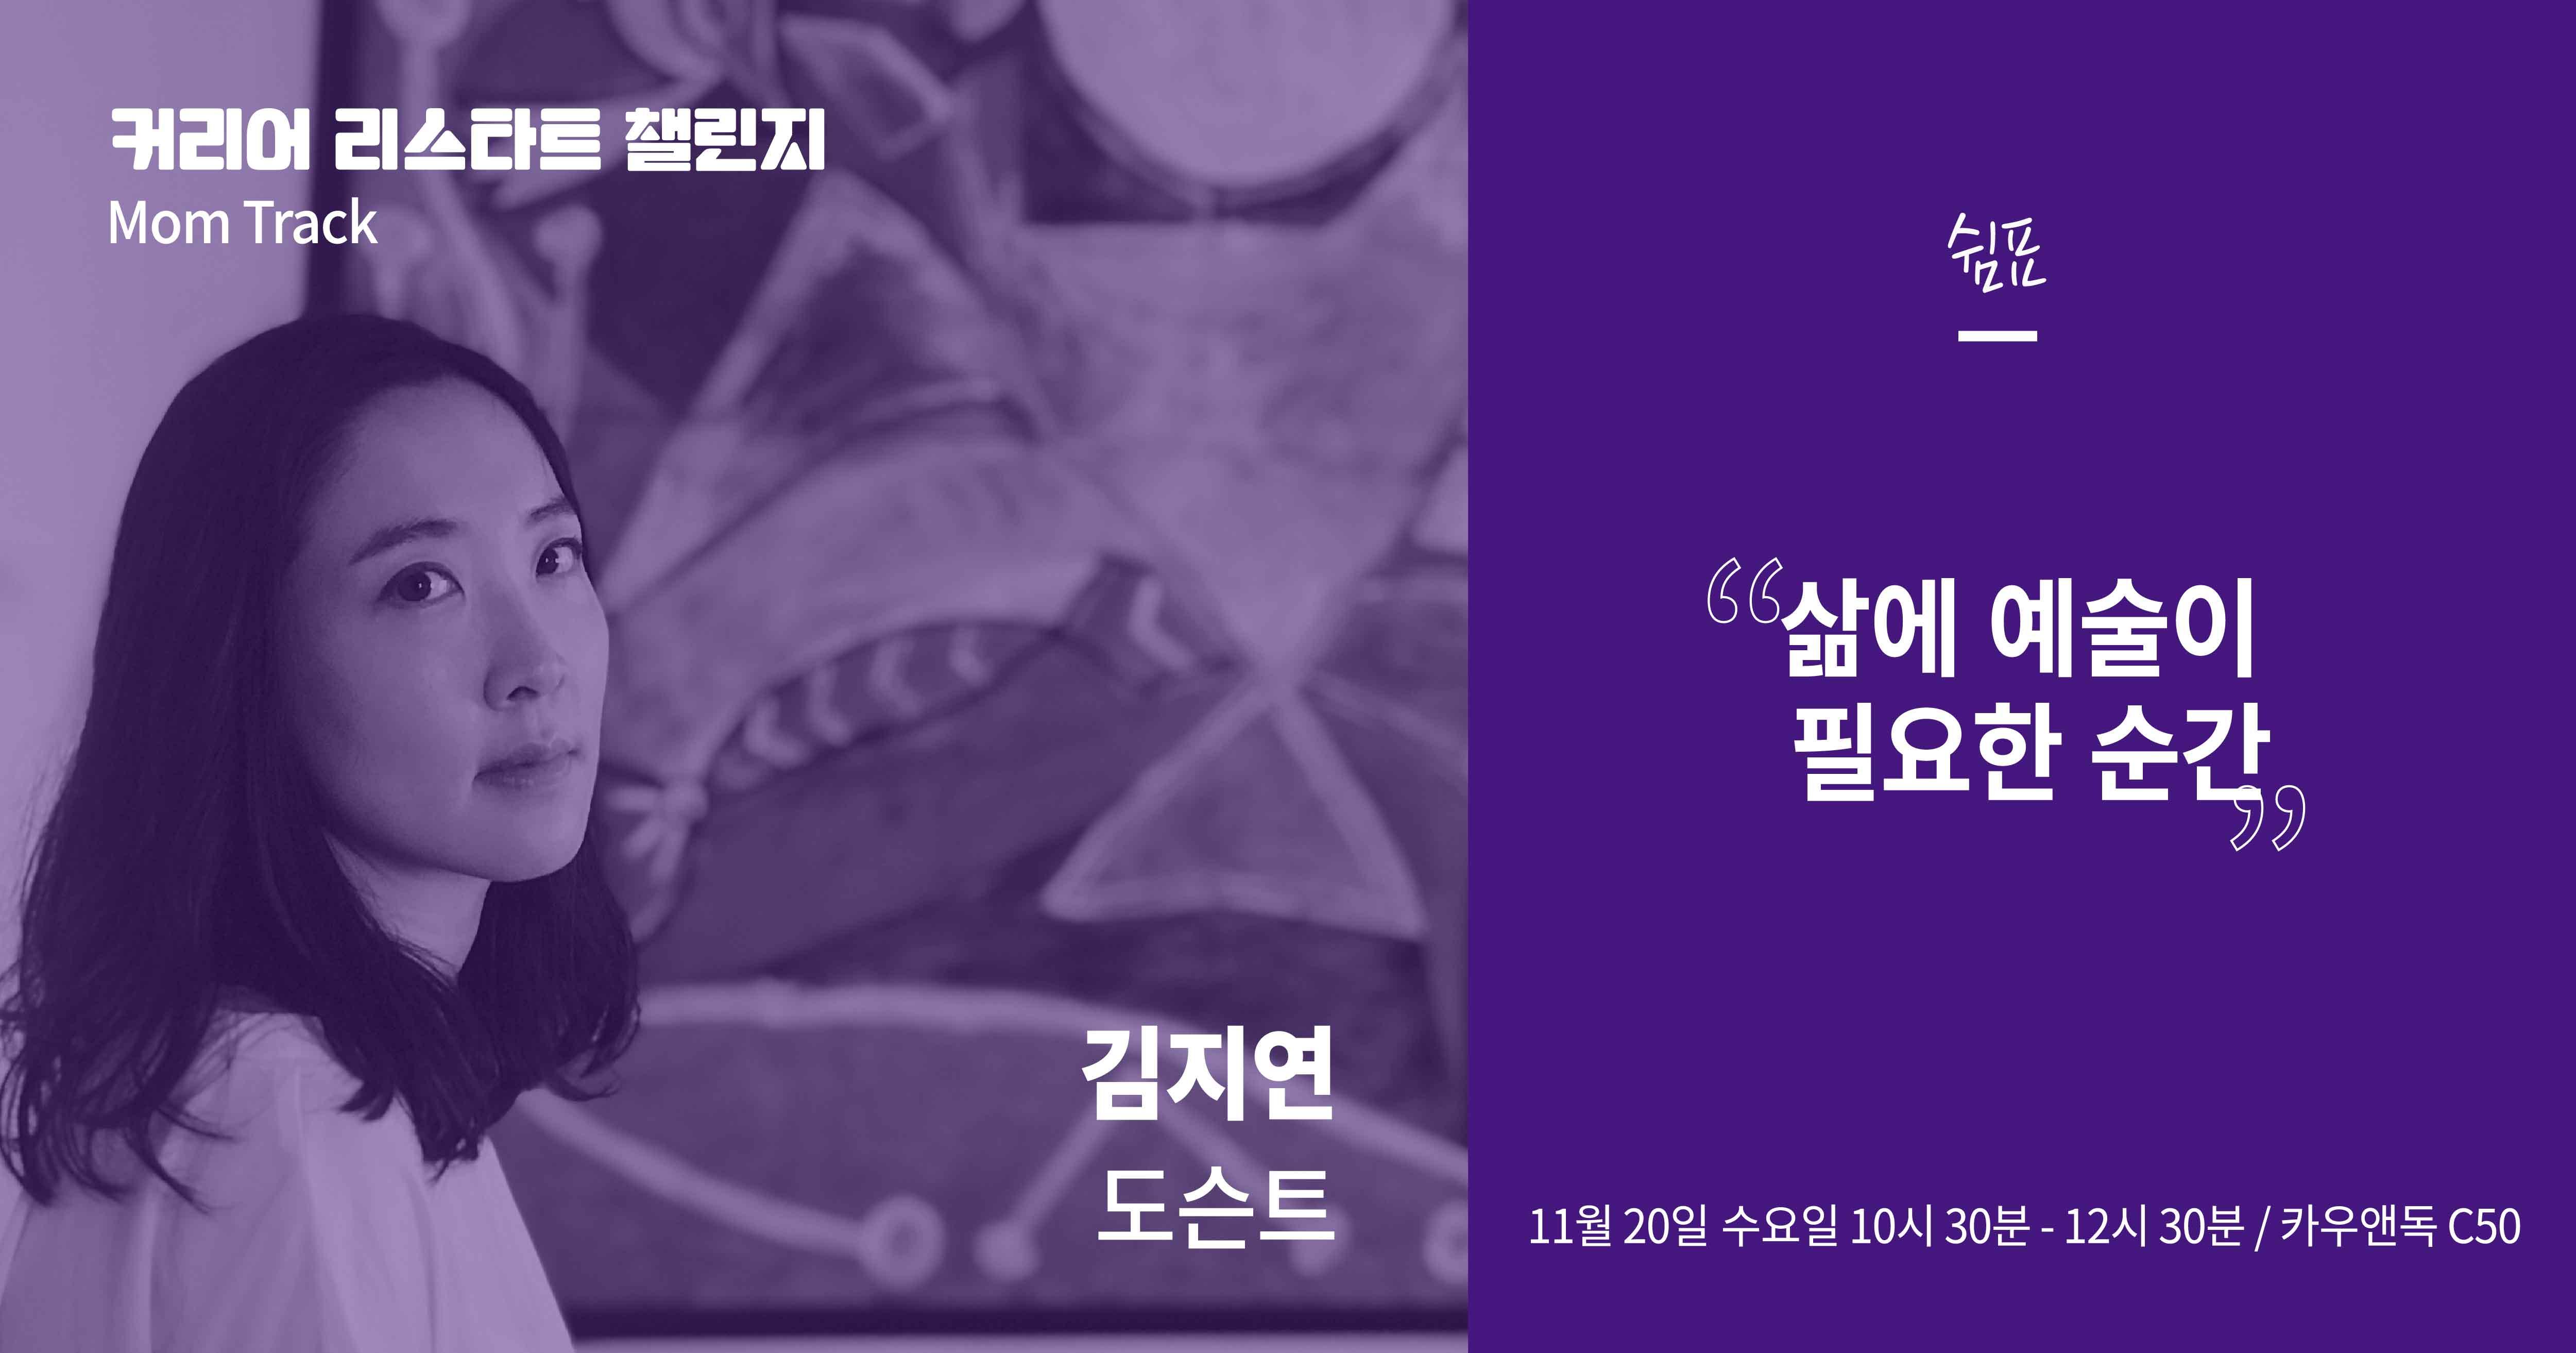 """[커리챌] """"삶에 예술이 필요한 순간"""" 김지연 도슨트 이미지"""